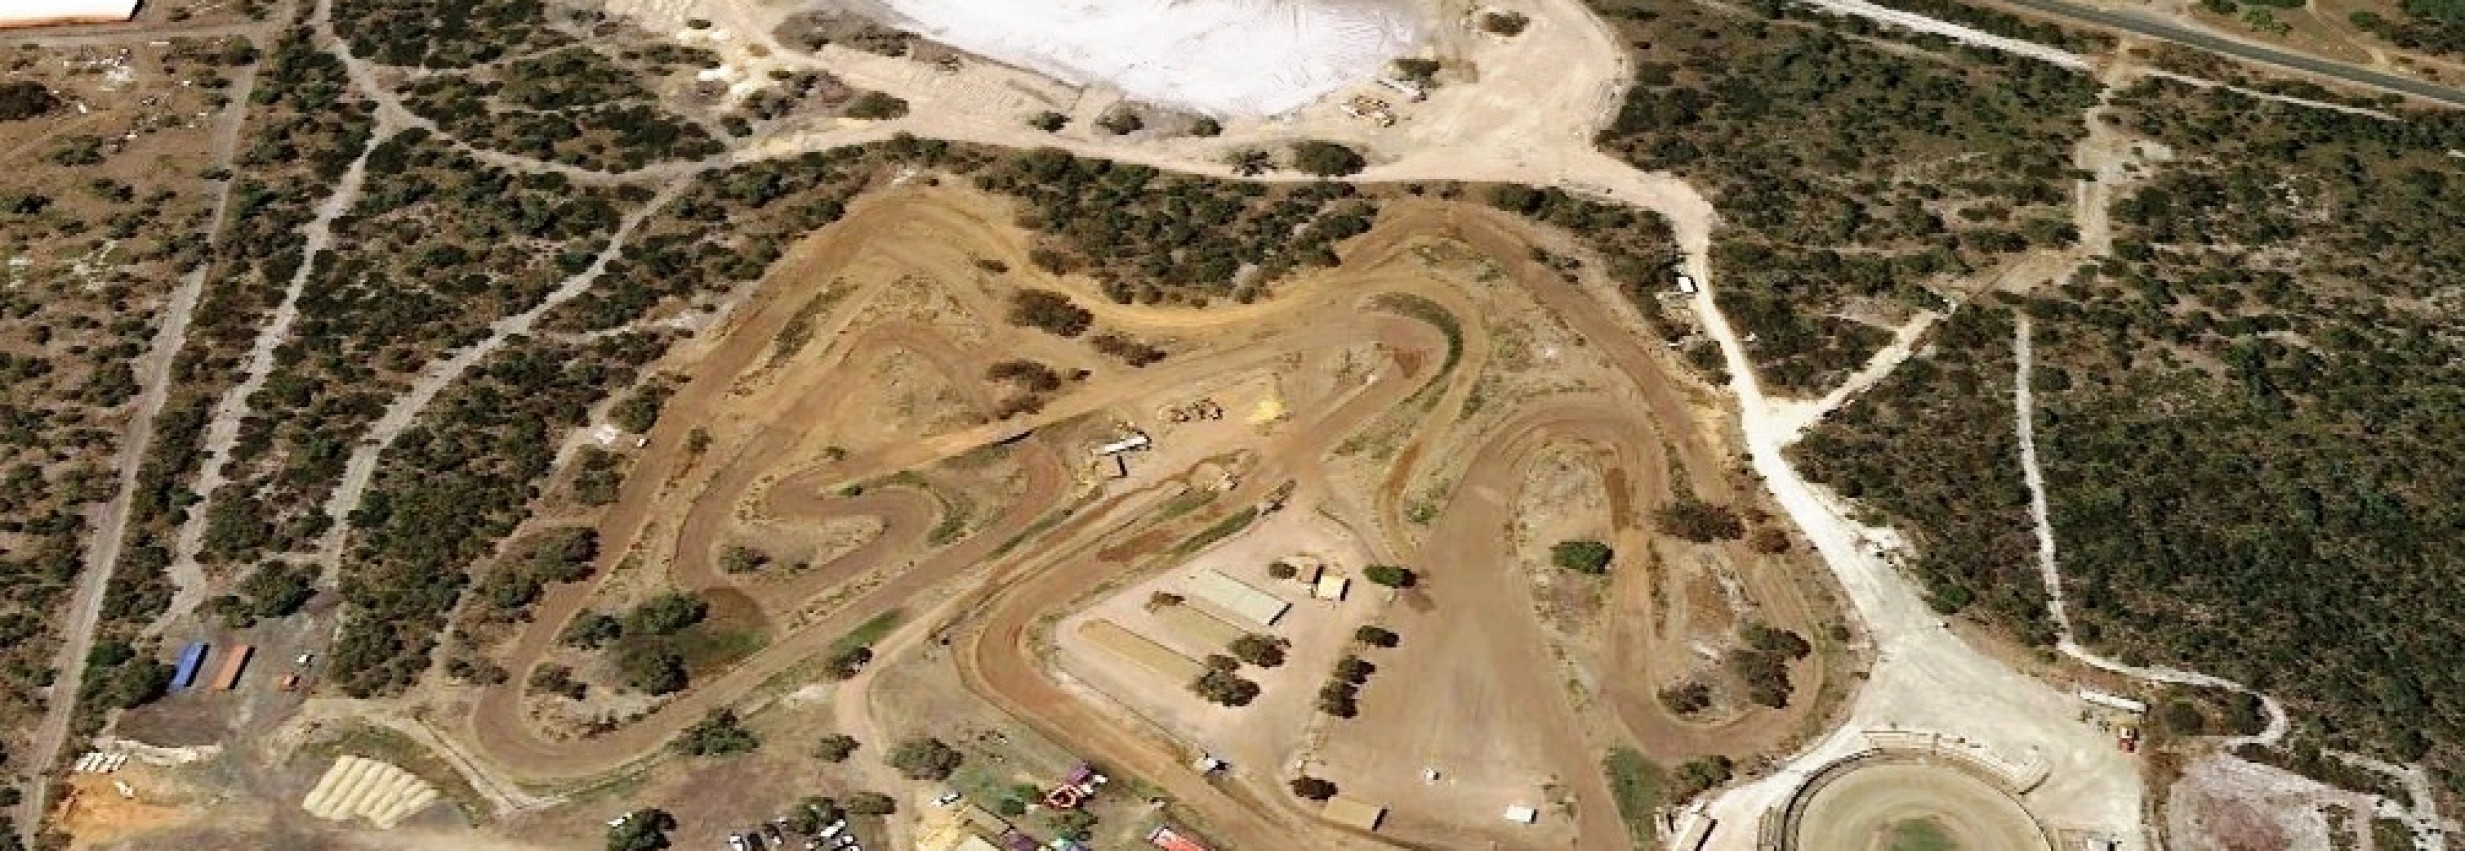 The Pinjar Park MX Circuit